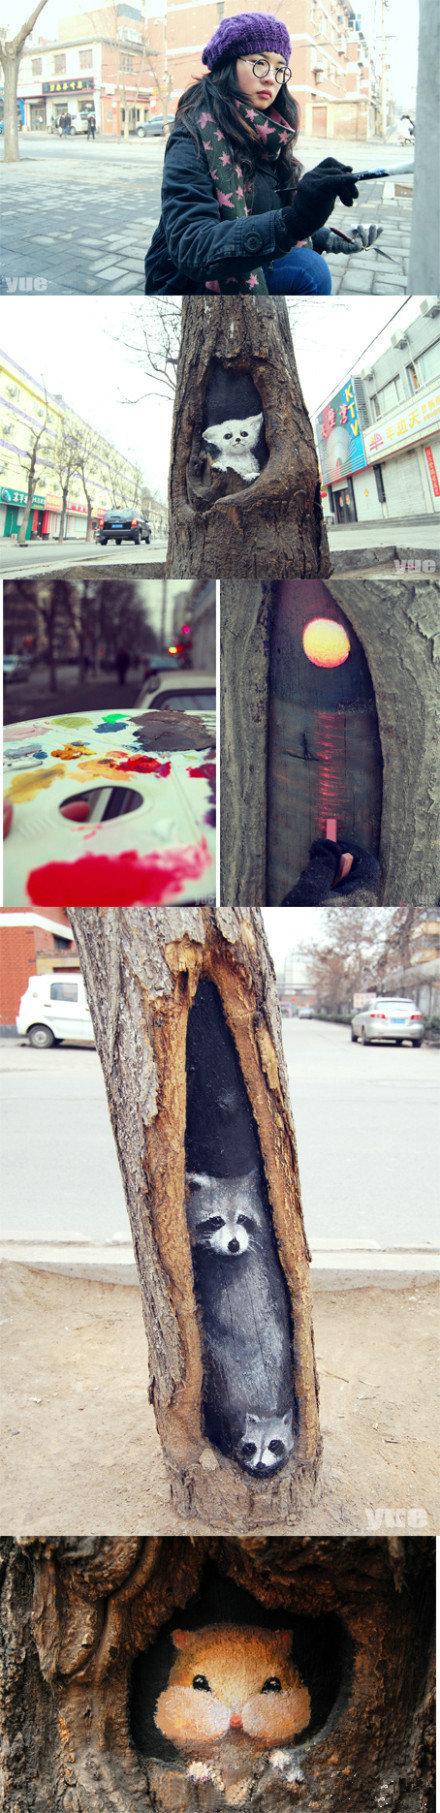 【树洞画、女孩:只想让灰蒙蒙的冬天变得多彩】一个女孩在树洞画的画惟妙惟肖,引网友围观。树洞画女孩叫王月,一名视觉传达专业大四学生。时常带着简单绘画工具,在石家庄九中街画画。 安静的城市是她的画室,司空见惯的树洞是她的画板。她想让石家庄灰蒙蒙的冬天变得缤纷多彩。